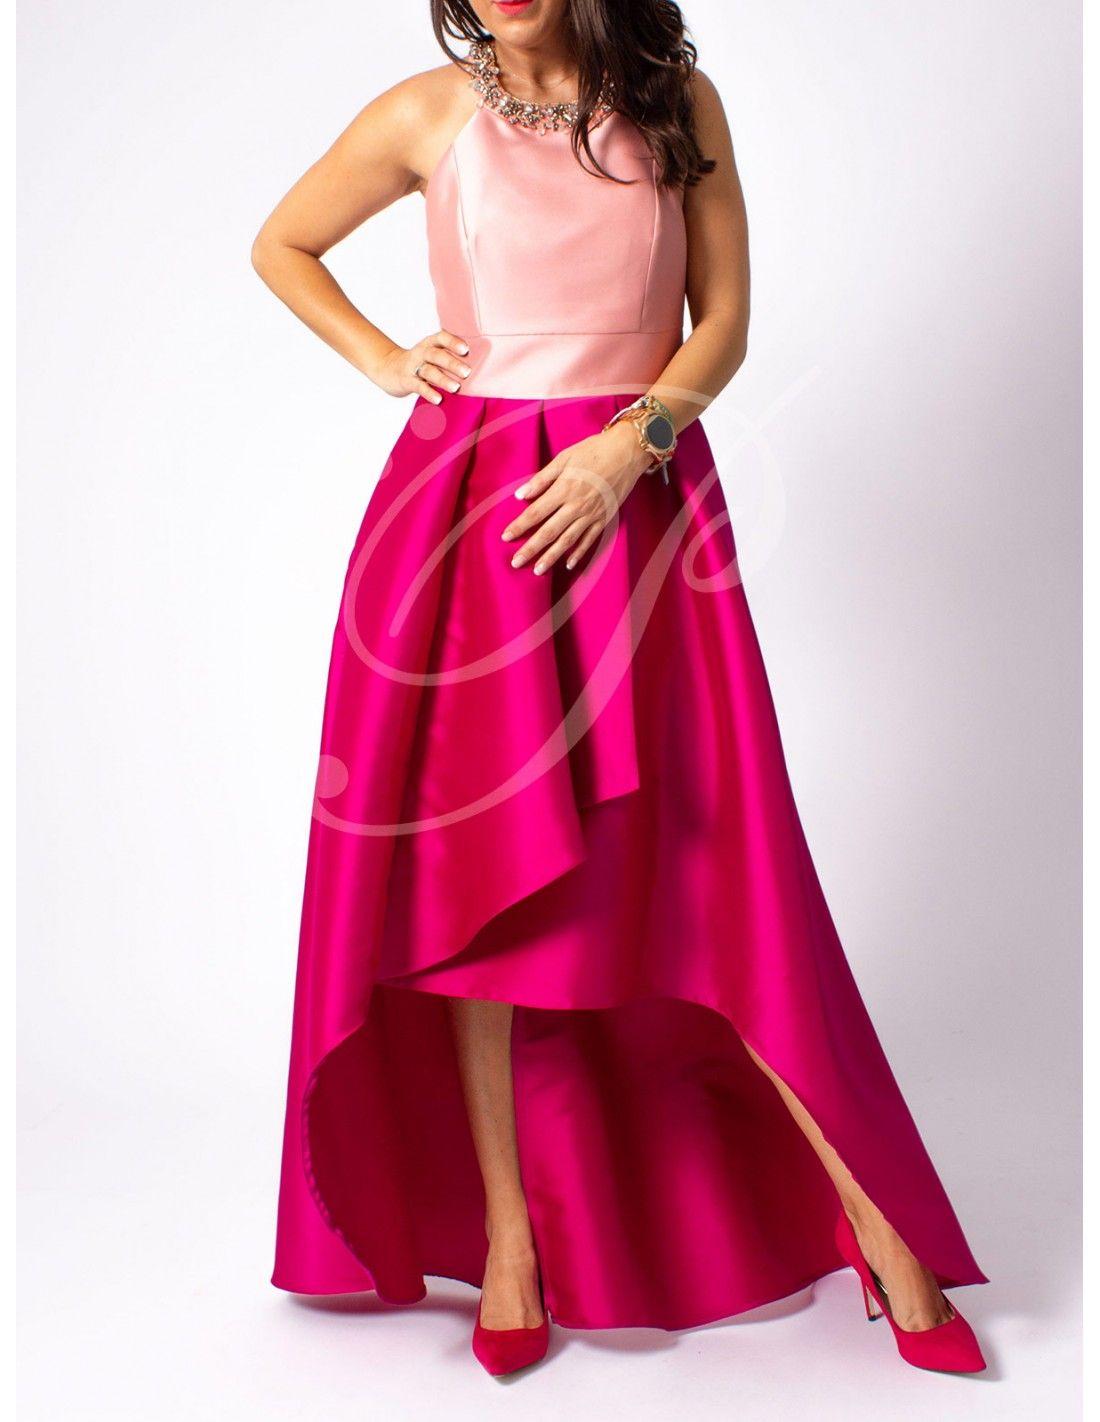 975a3ce339 Vestido Hirta - Vestido largo de corte asimétrico con cuerpo color rosa y  falda en color